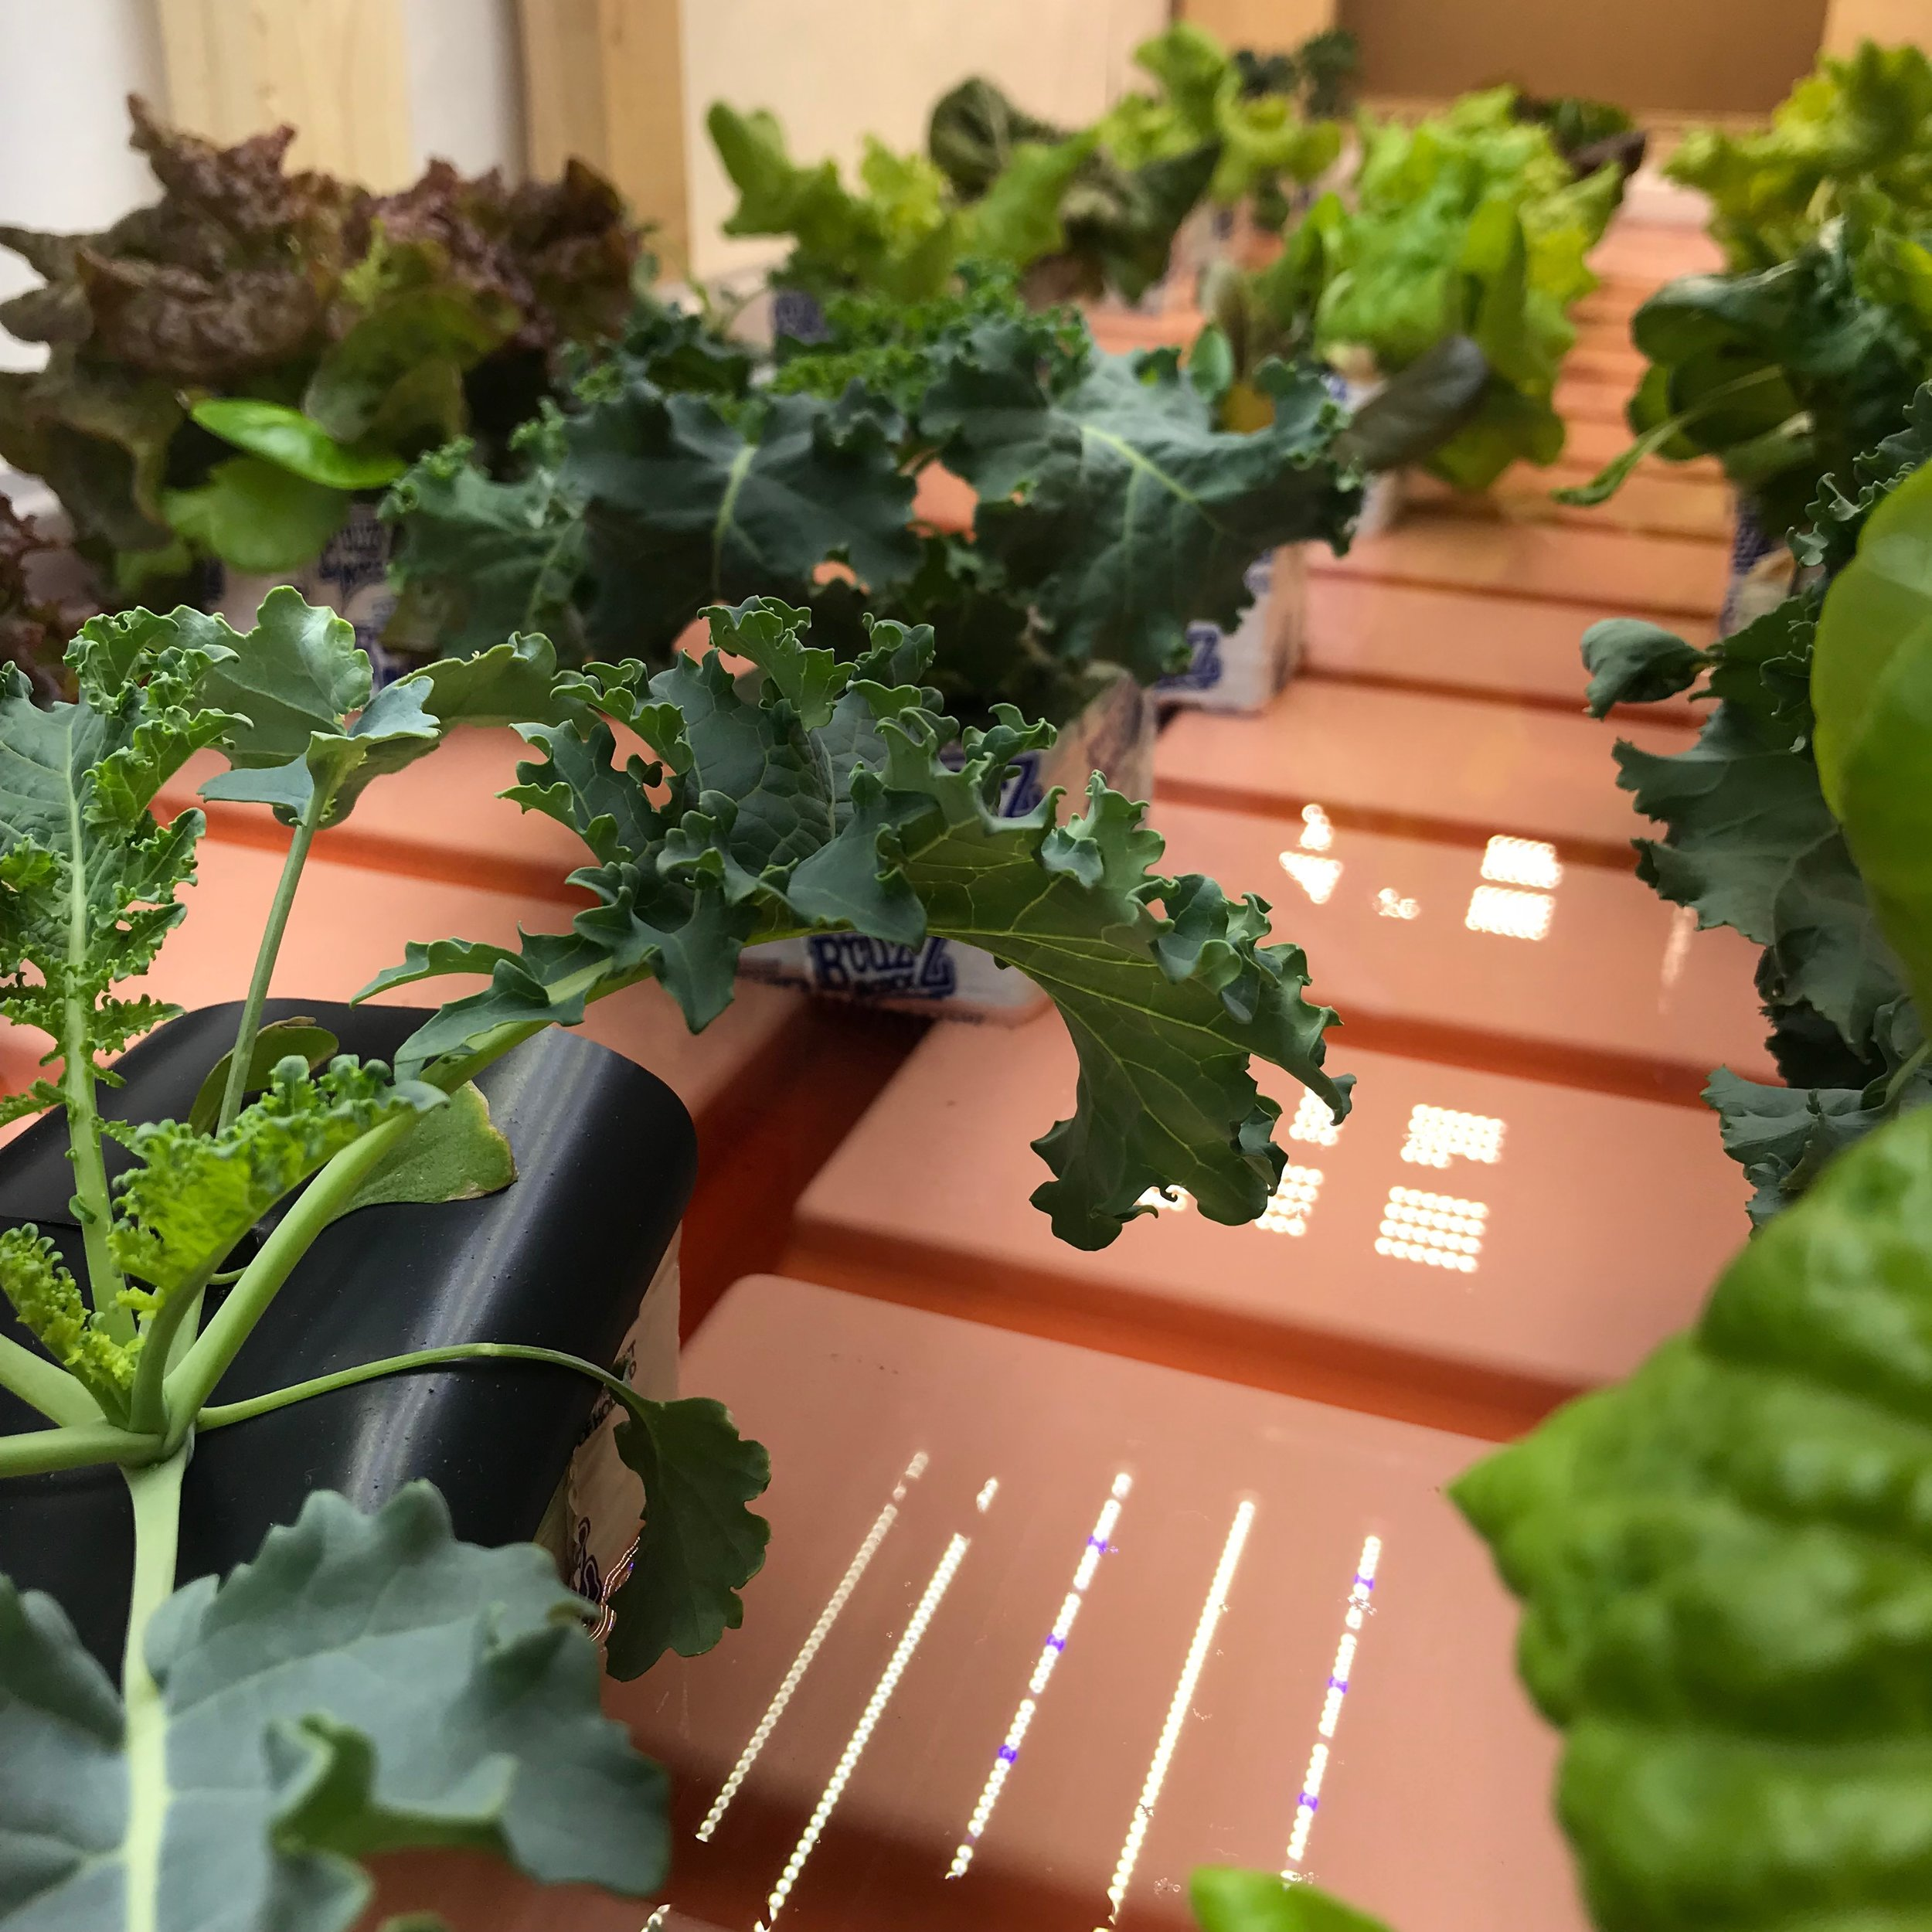 Kale_Lettuce early.jpg